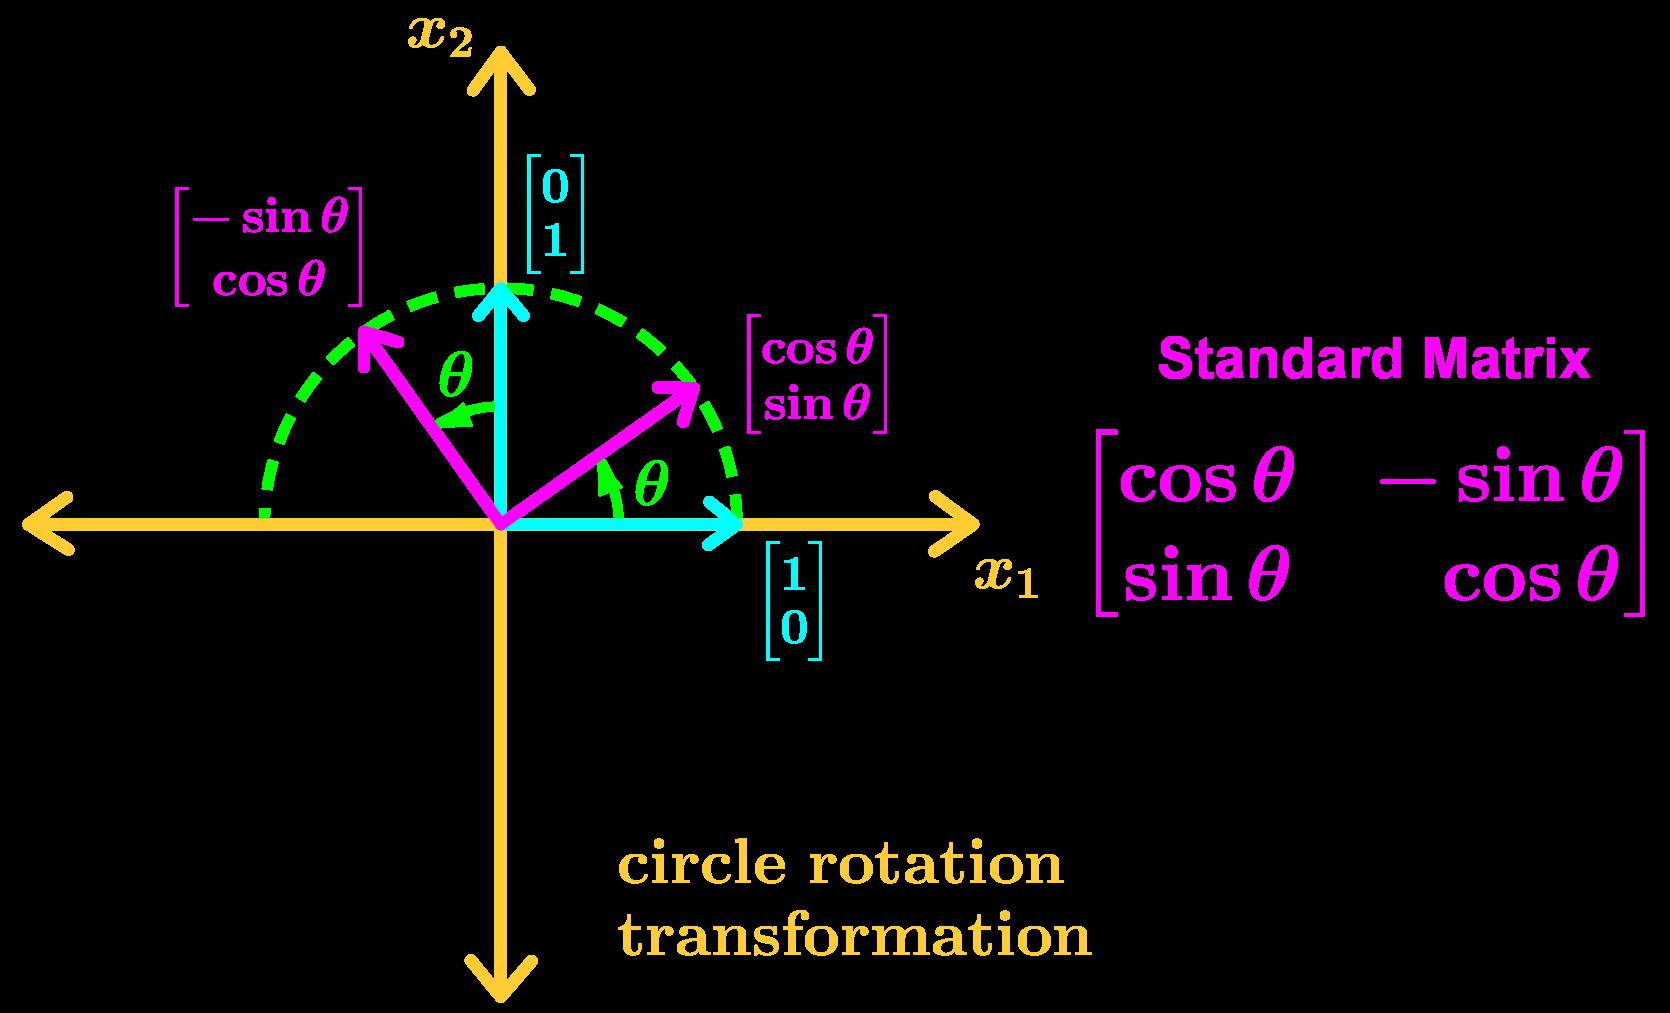 circle rotation transformation